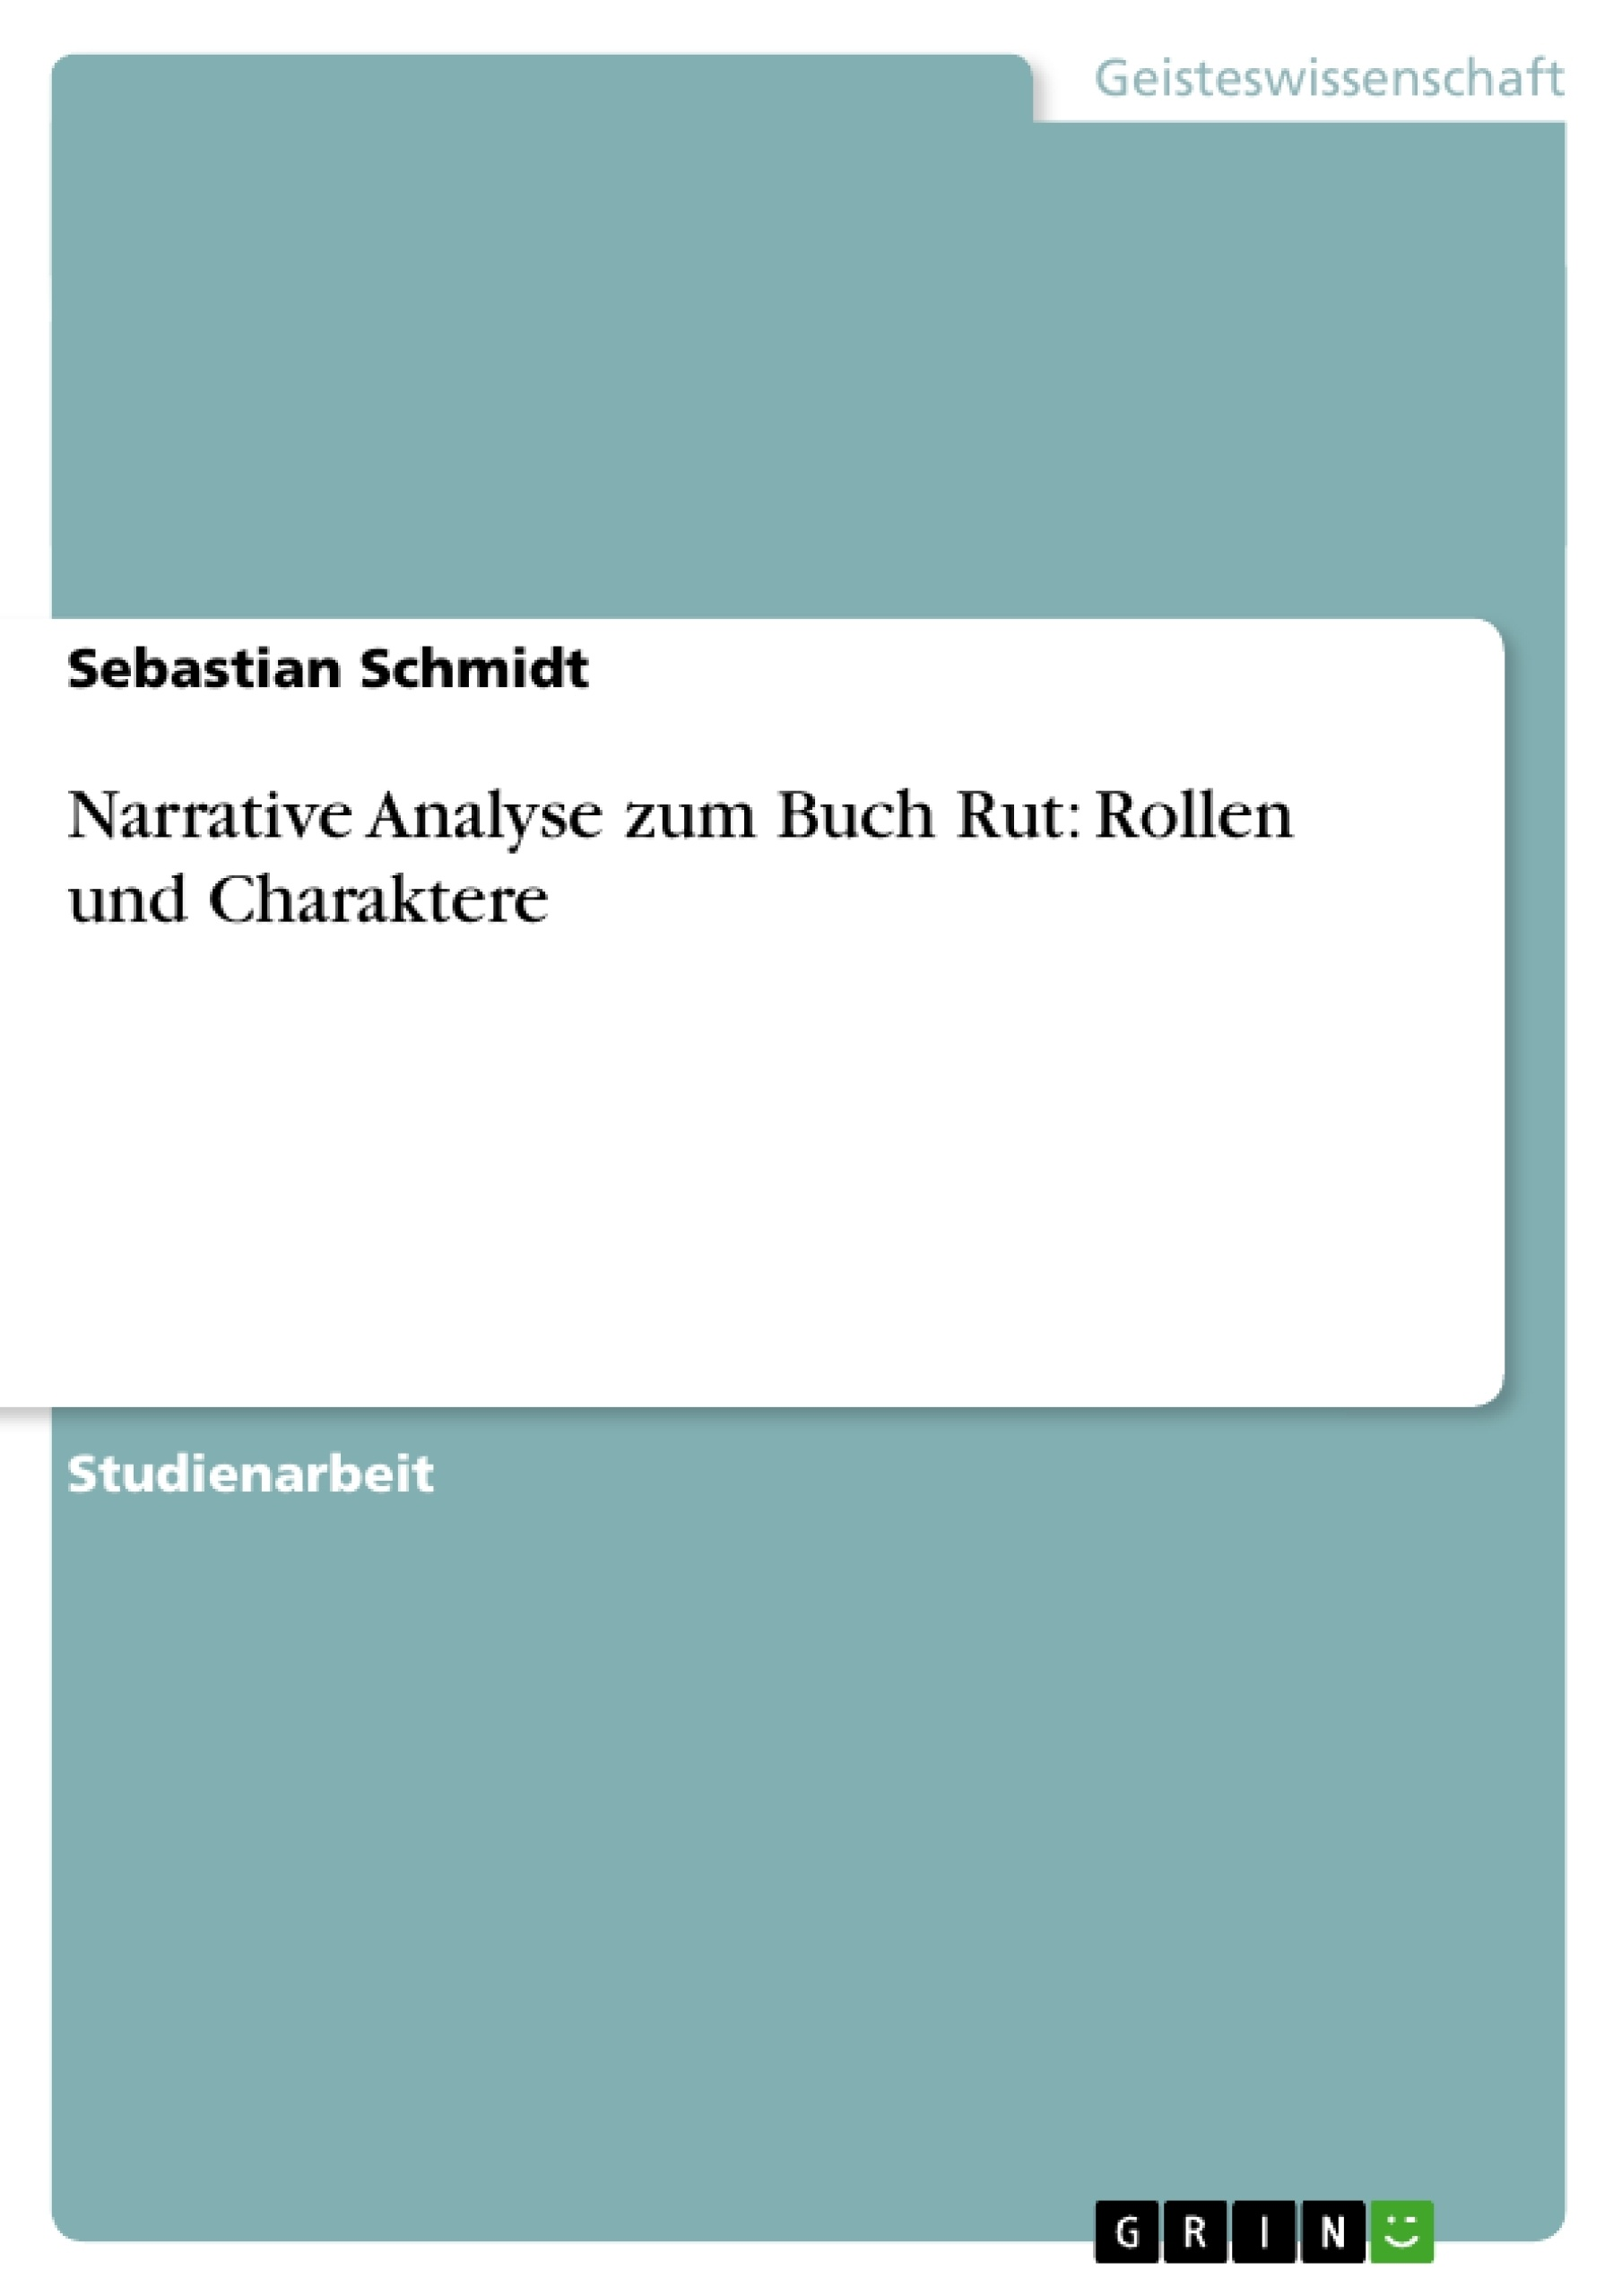 Titel: Narrative Analyse zum Buch Rut: Rollen und Charaktere